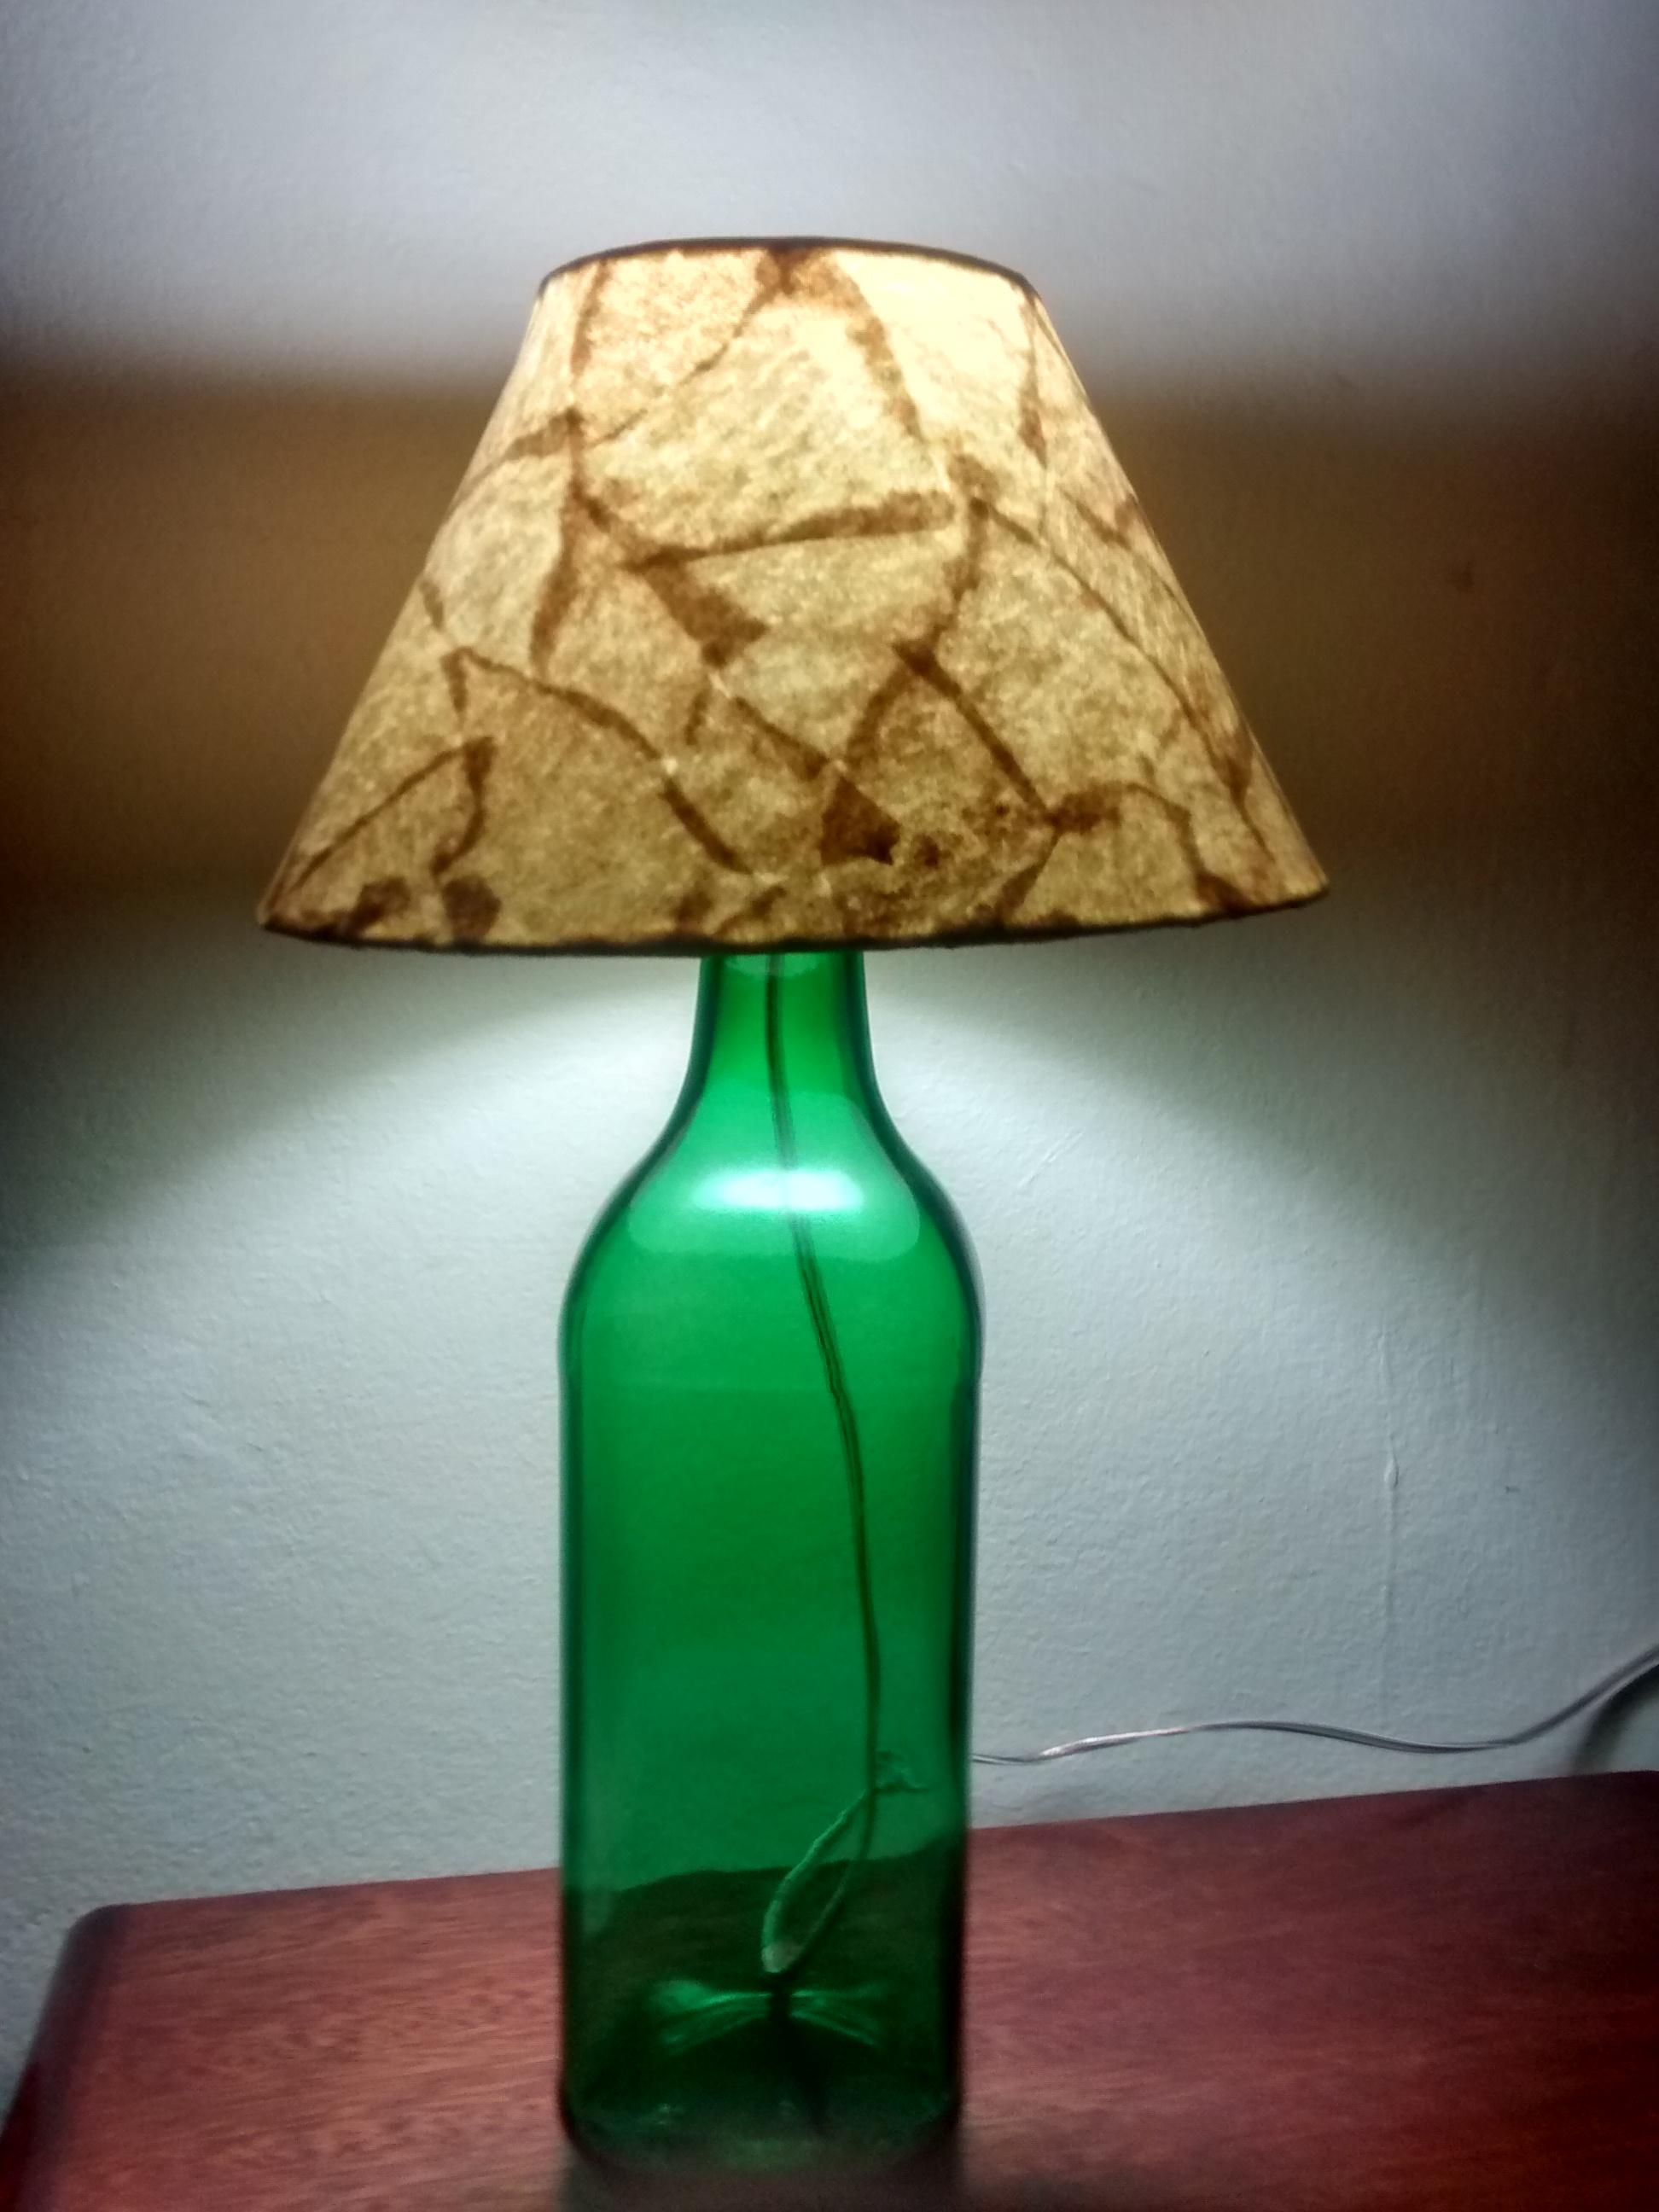 Uma garrafa com um furo no topo ou lateral pode ser facilmente pendurada em paredes, tetos ou ainda serem utilizadas em mini hortas, onde os pequenos furos servirão para escoar a água, por exemplo.